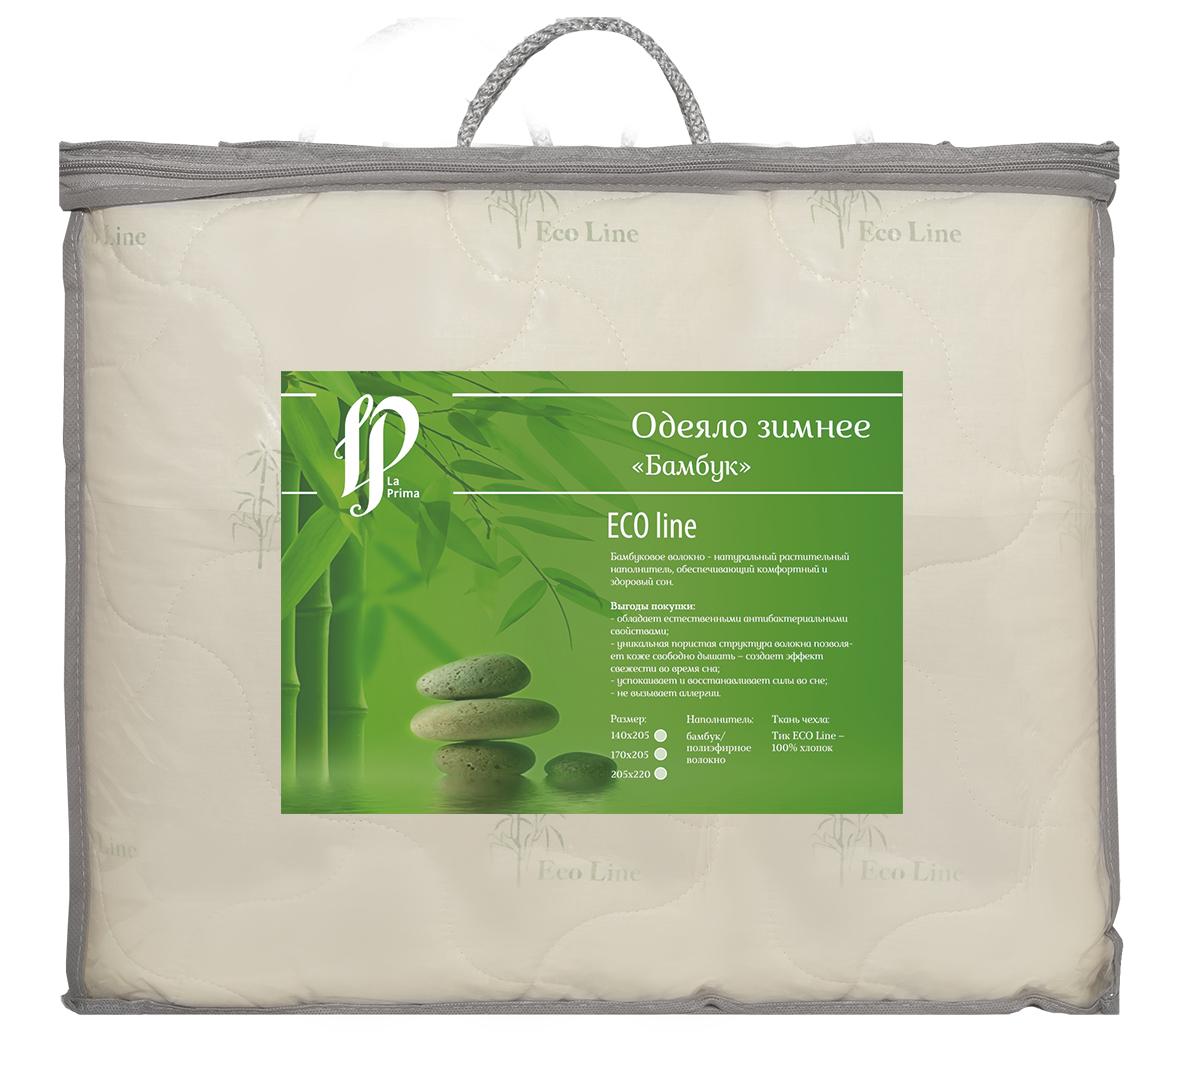 Одеяло зимнее La Prima, наполнитель: бамбук, полиэфирное волокно, цвет: молочный, 140 х 205 см00000004563Одеяло La Prima - это выбор тех, кто заботится о своем здоровье, поскольку оно отличается не только теплотой и мягкостью, но и своими целебными свойствами. Чехол выполнен из тика (100% хлопок). Наполнитель - бамбук с добавлением полиэфирного волокна. Одеяло простегано и окантовано, стежка равномерно удерживает наполнитель внутри. Бамбуковое волокно - натуральный растительный наполнитель, обеспечивающий комфортный и здоровый сон.